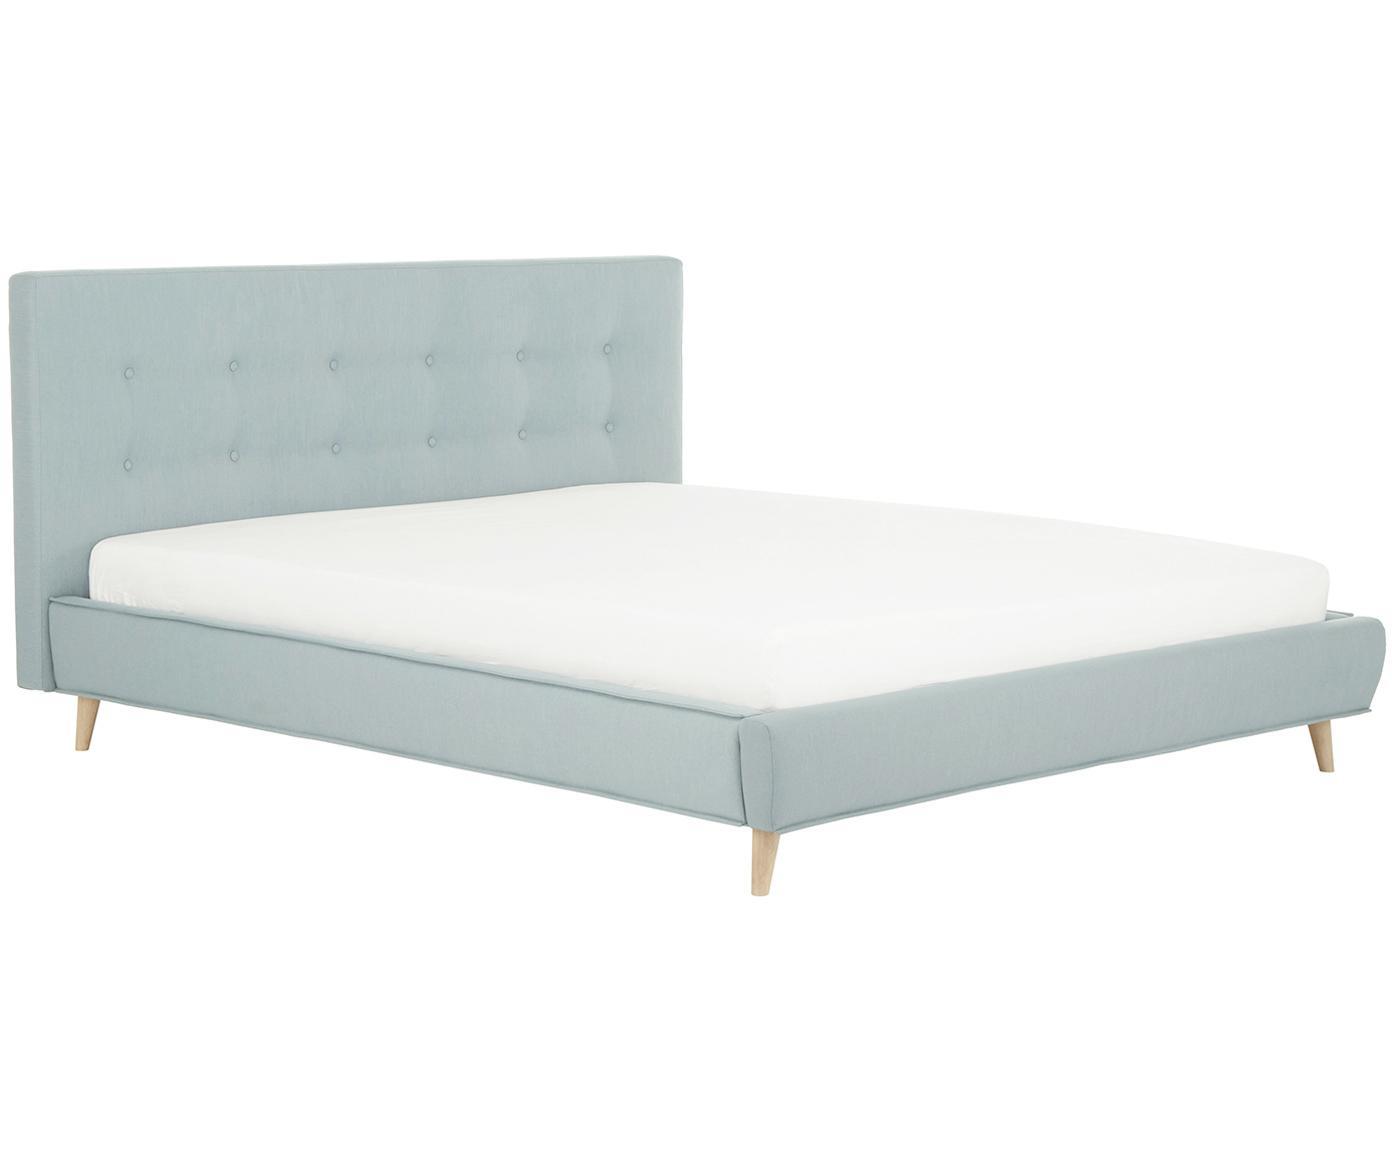 Gestoffeerd bed Moon, Frame: massief grenenhout, Poten: massief eikenhout, Bekleding: polyester (structuurmater, Lichtblauw, 160 x 200 cm